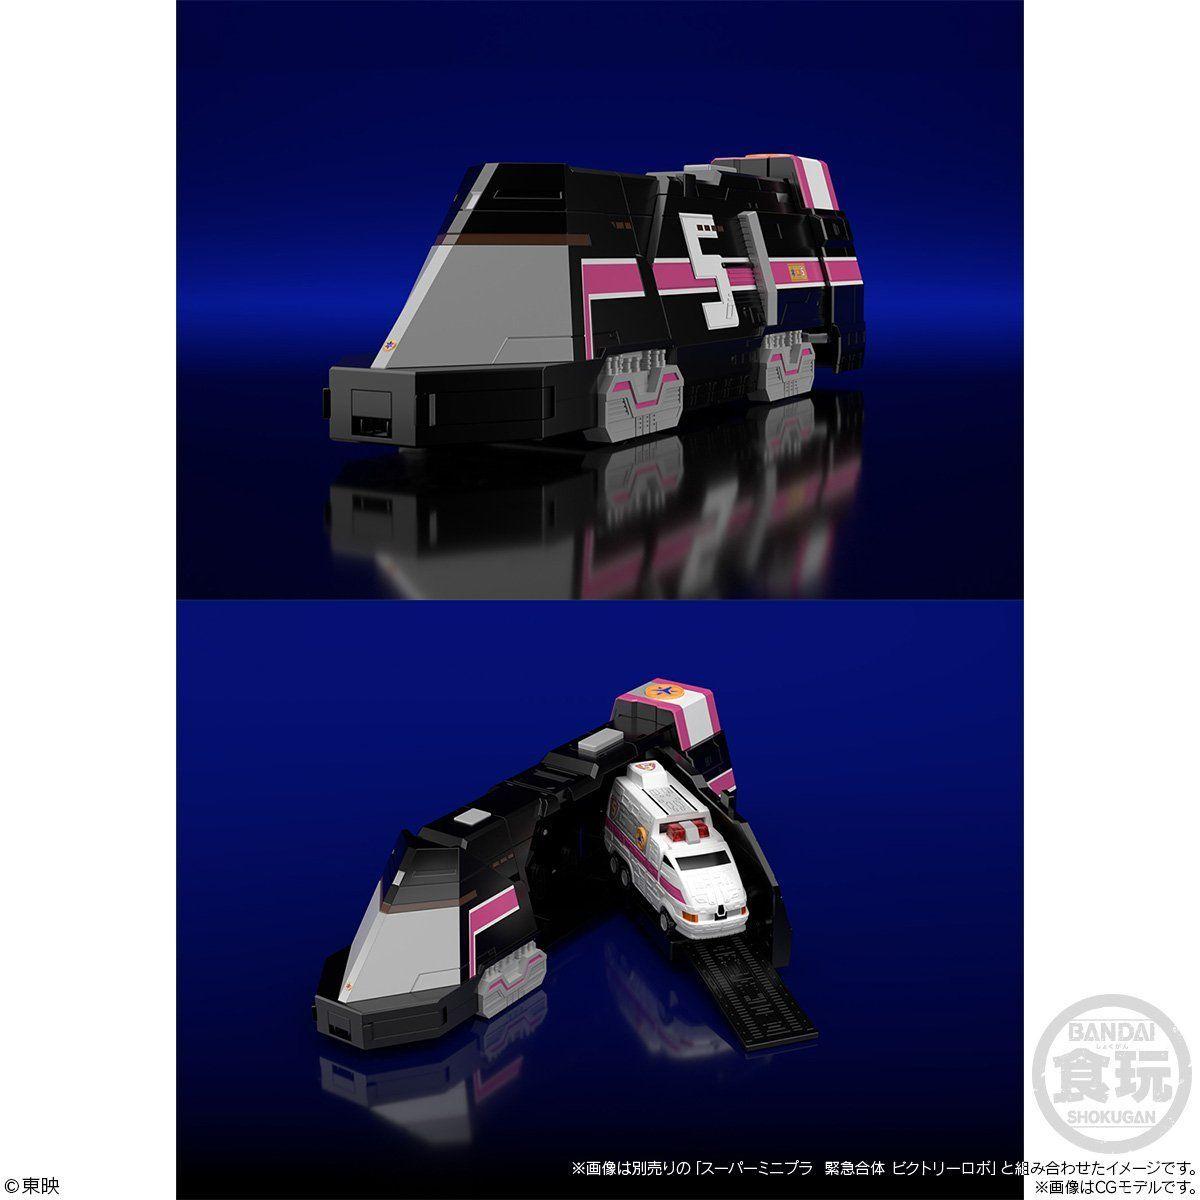 【限定販売】【食玩】スーパーミニプラ『連結合体 グランドライナー』救急戦隊ゴーゴーファイブ プラモデル-006